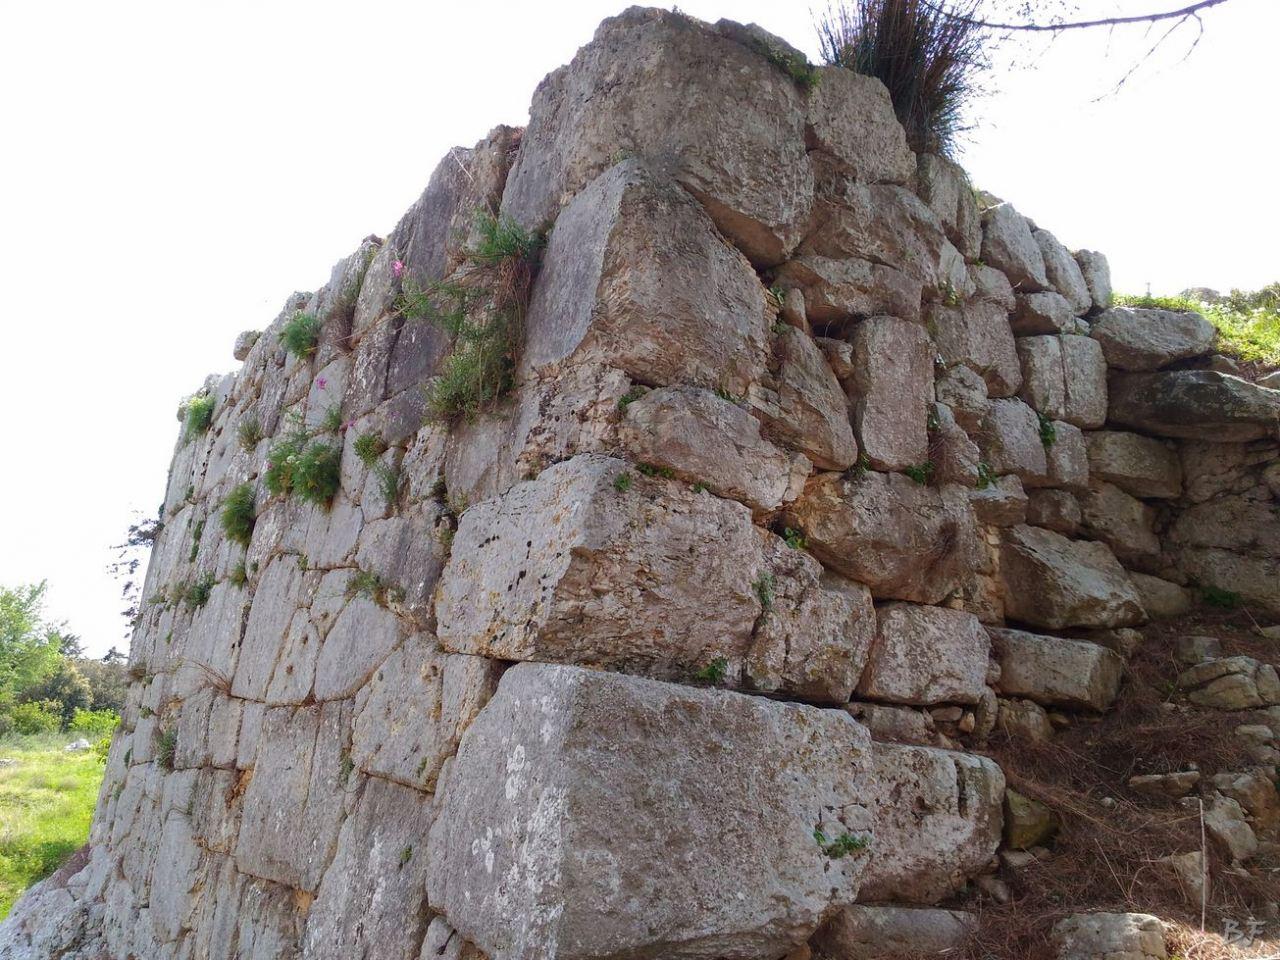 Norba-Mura-Megalitiche-Poligonali-Latina-Lazio-Italia-11